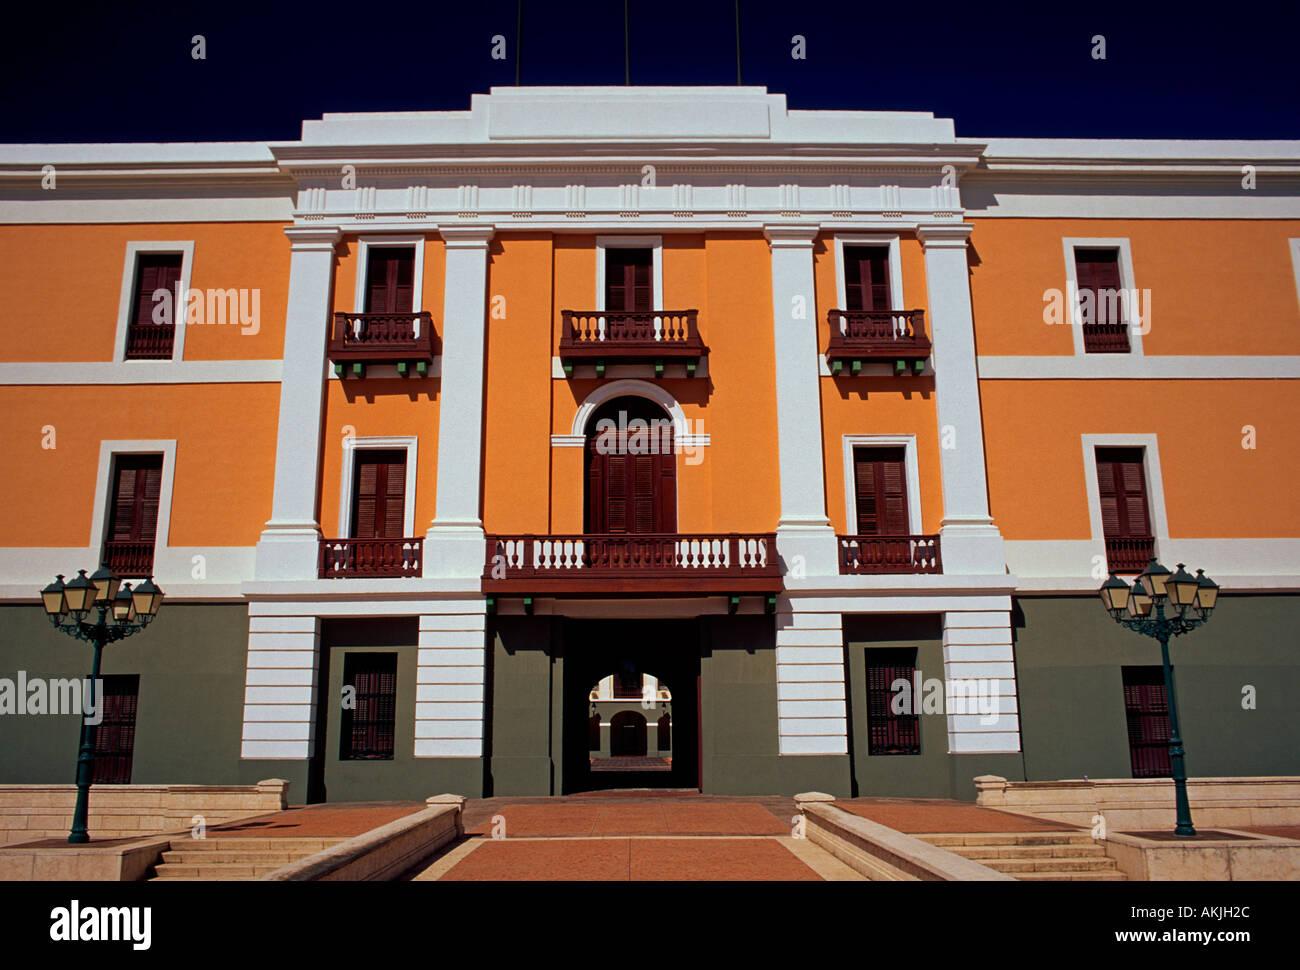 Ballaja Barracks, Cuartel de Ballaja, Old San Juan, San Juan, Puerto Rico, West Indies - Stock Image